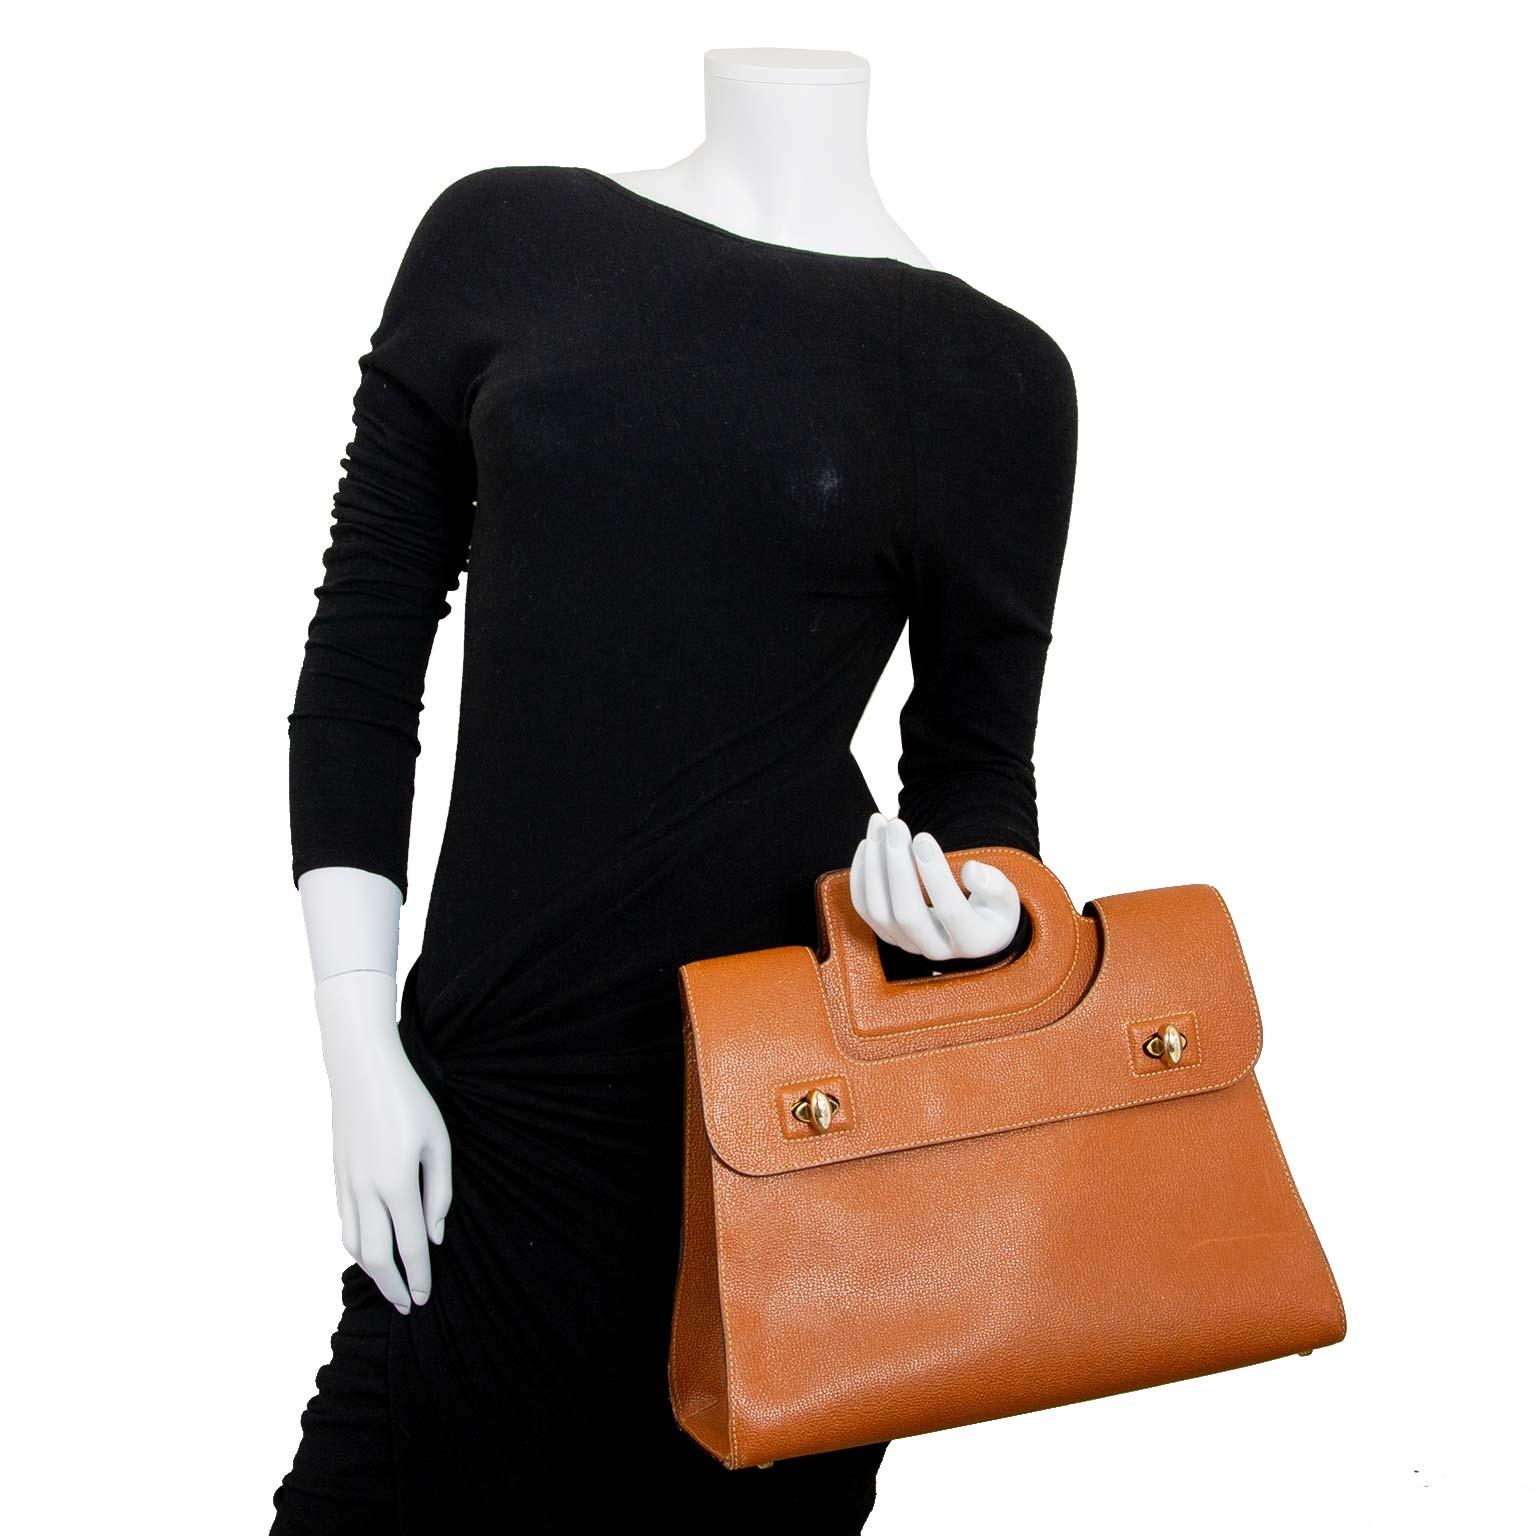 7cd54c322d04 ... bag now for sale at labellov vintage fashion webshop belgium delvaux  cognac d top handle sac à vendre à labellov vintage webshop de mode belgique